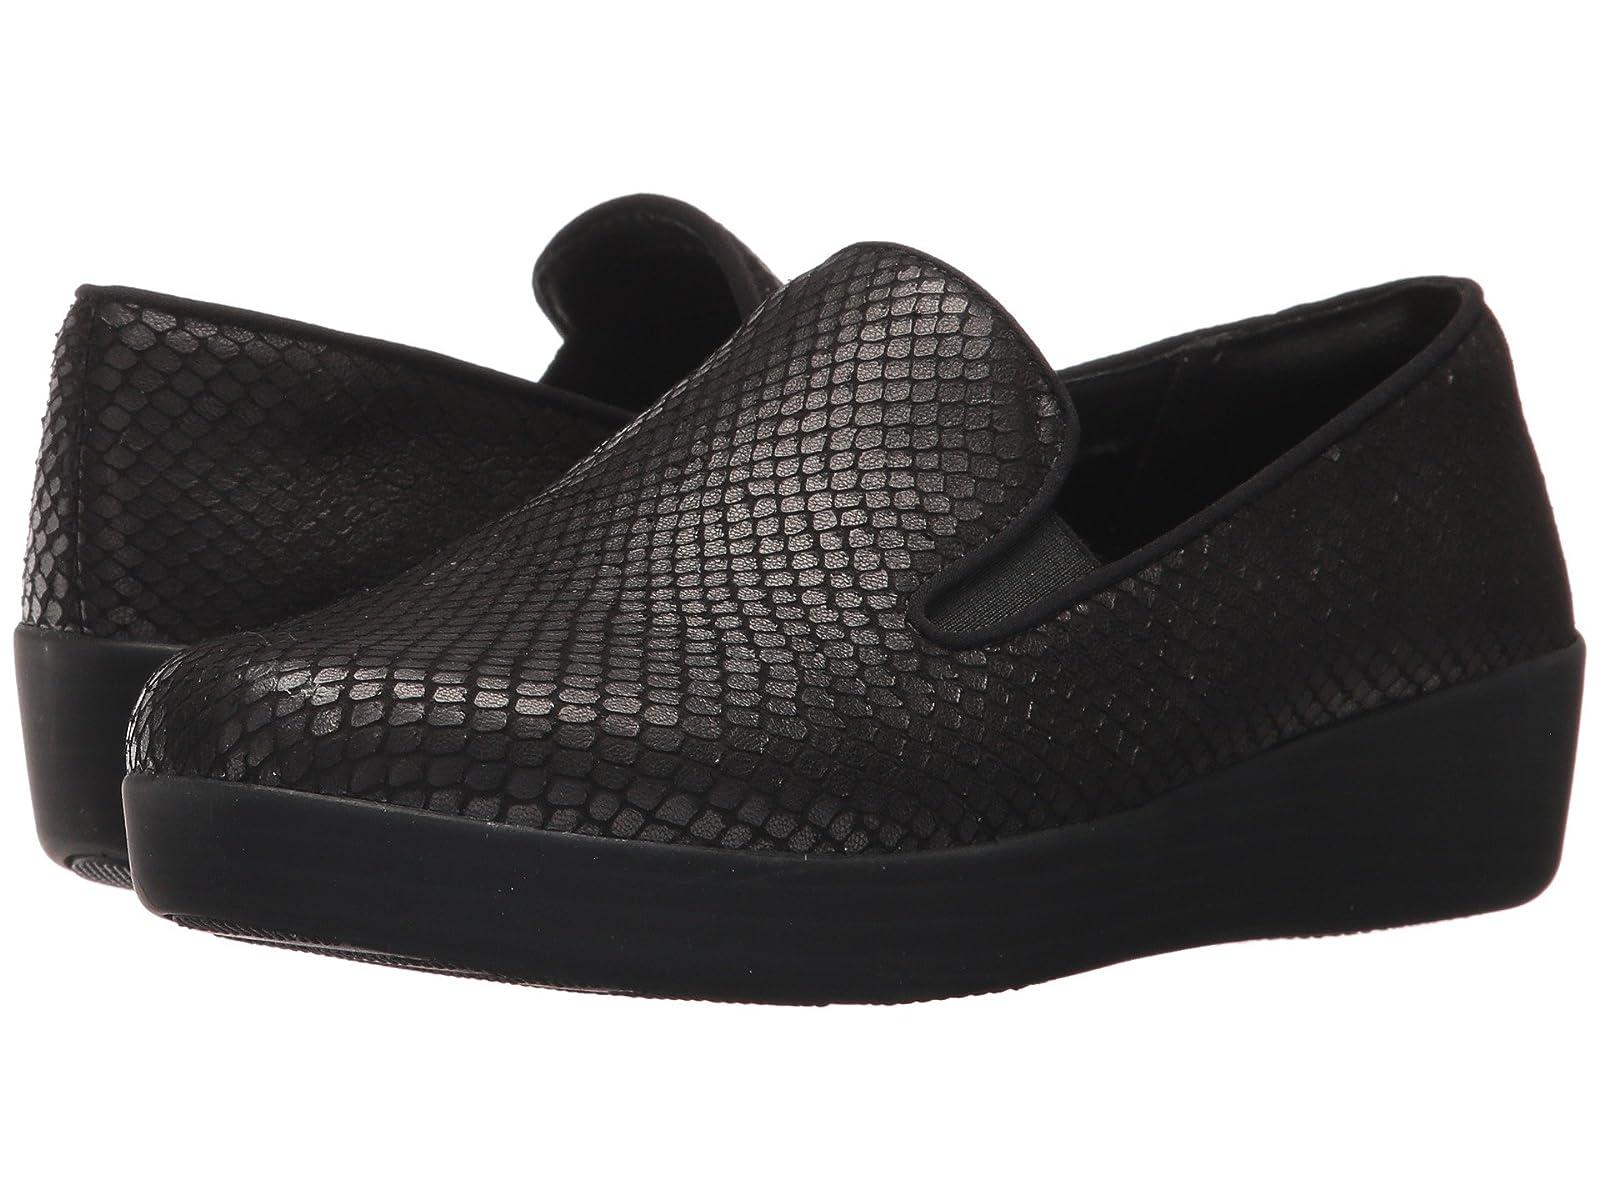 FitFlop SuperskateAtmospheric grades have affordable shoes